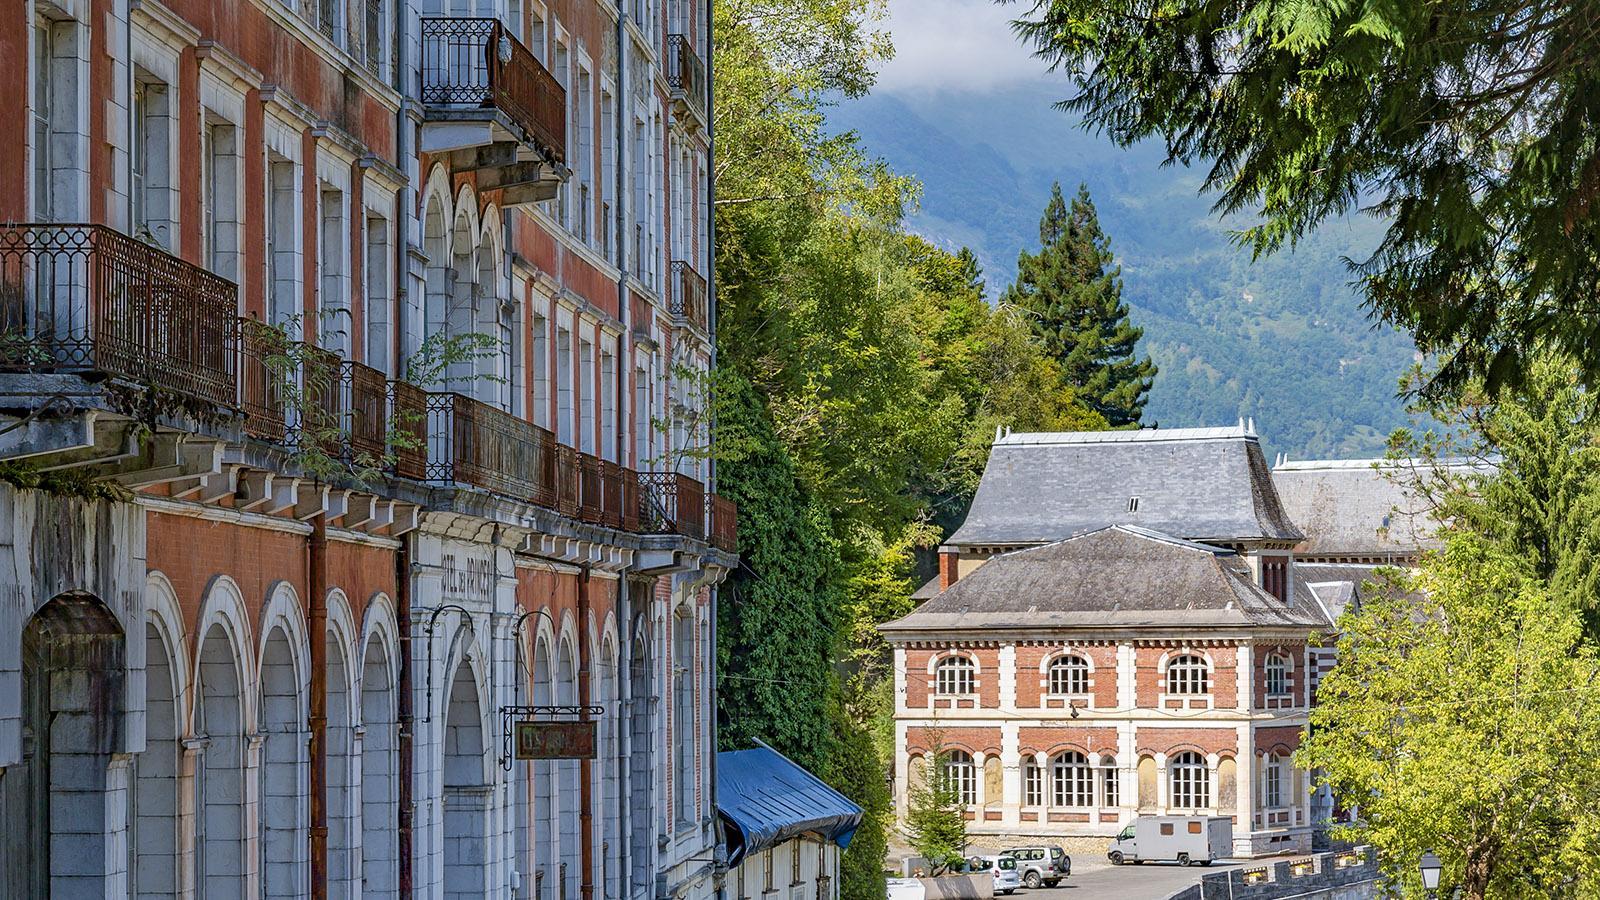 Der Blick vom Hôtel des Princes auf das Kasino. Foto: Hilke Maunder